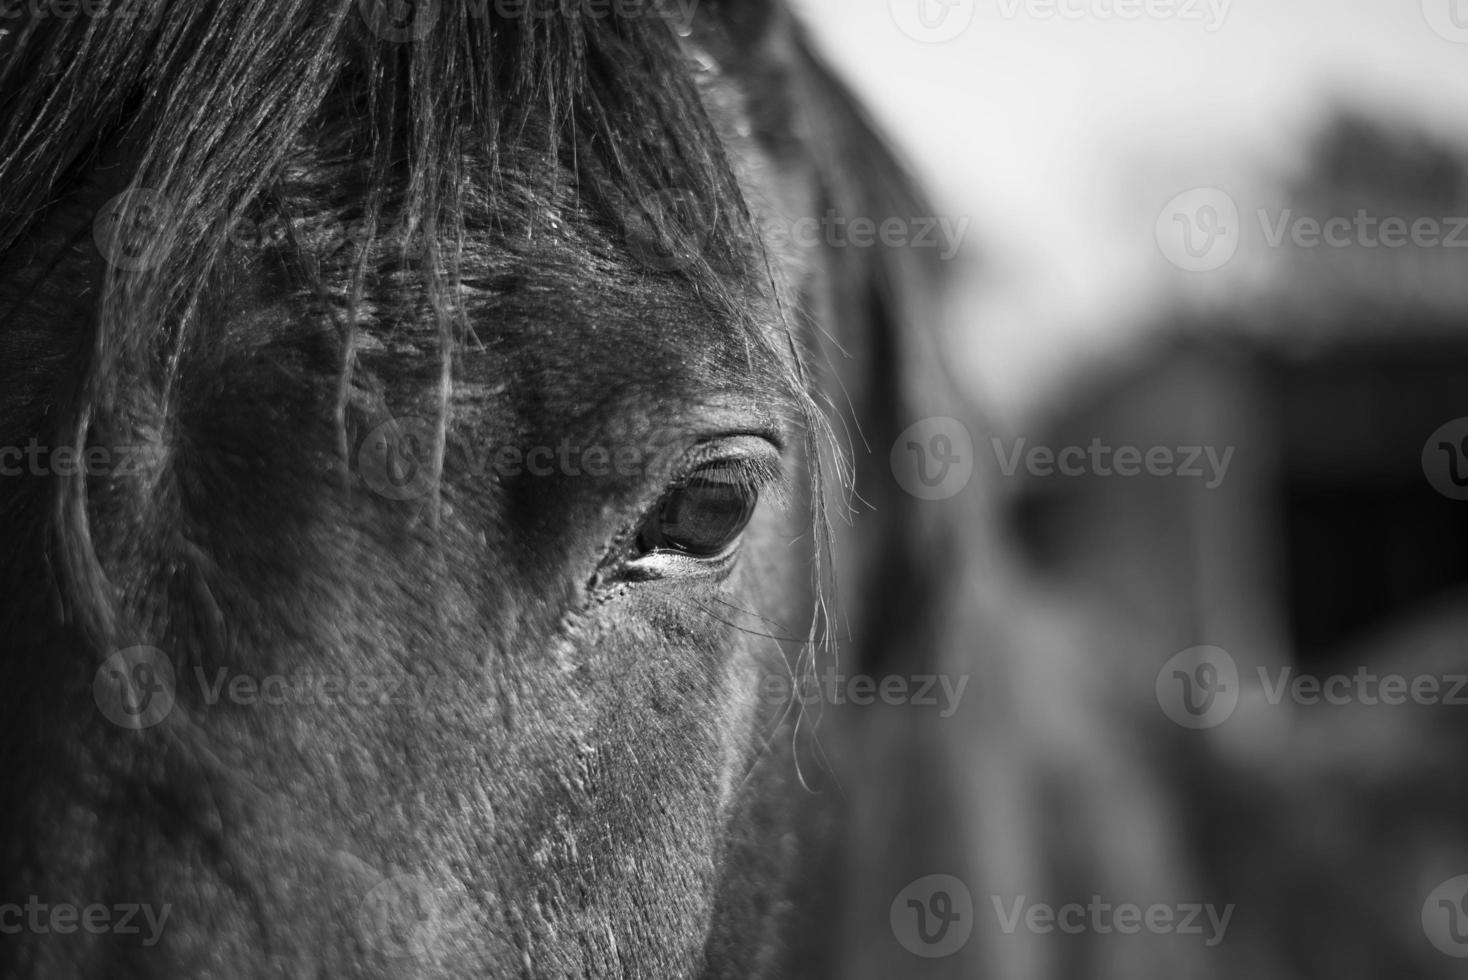 ojo de caballo de cerca foto